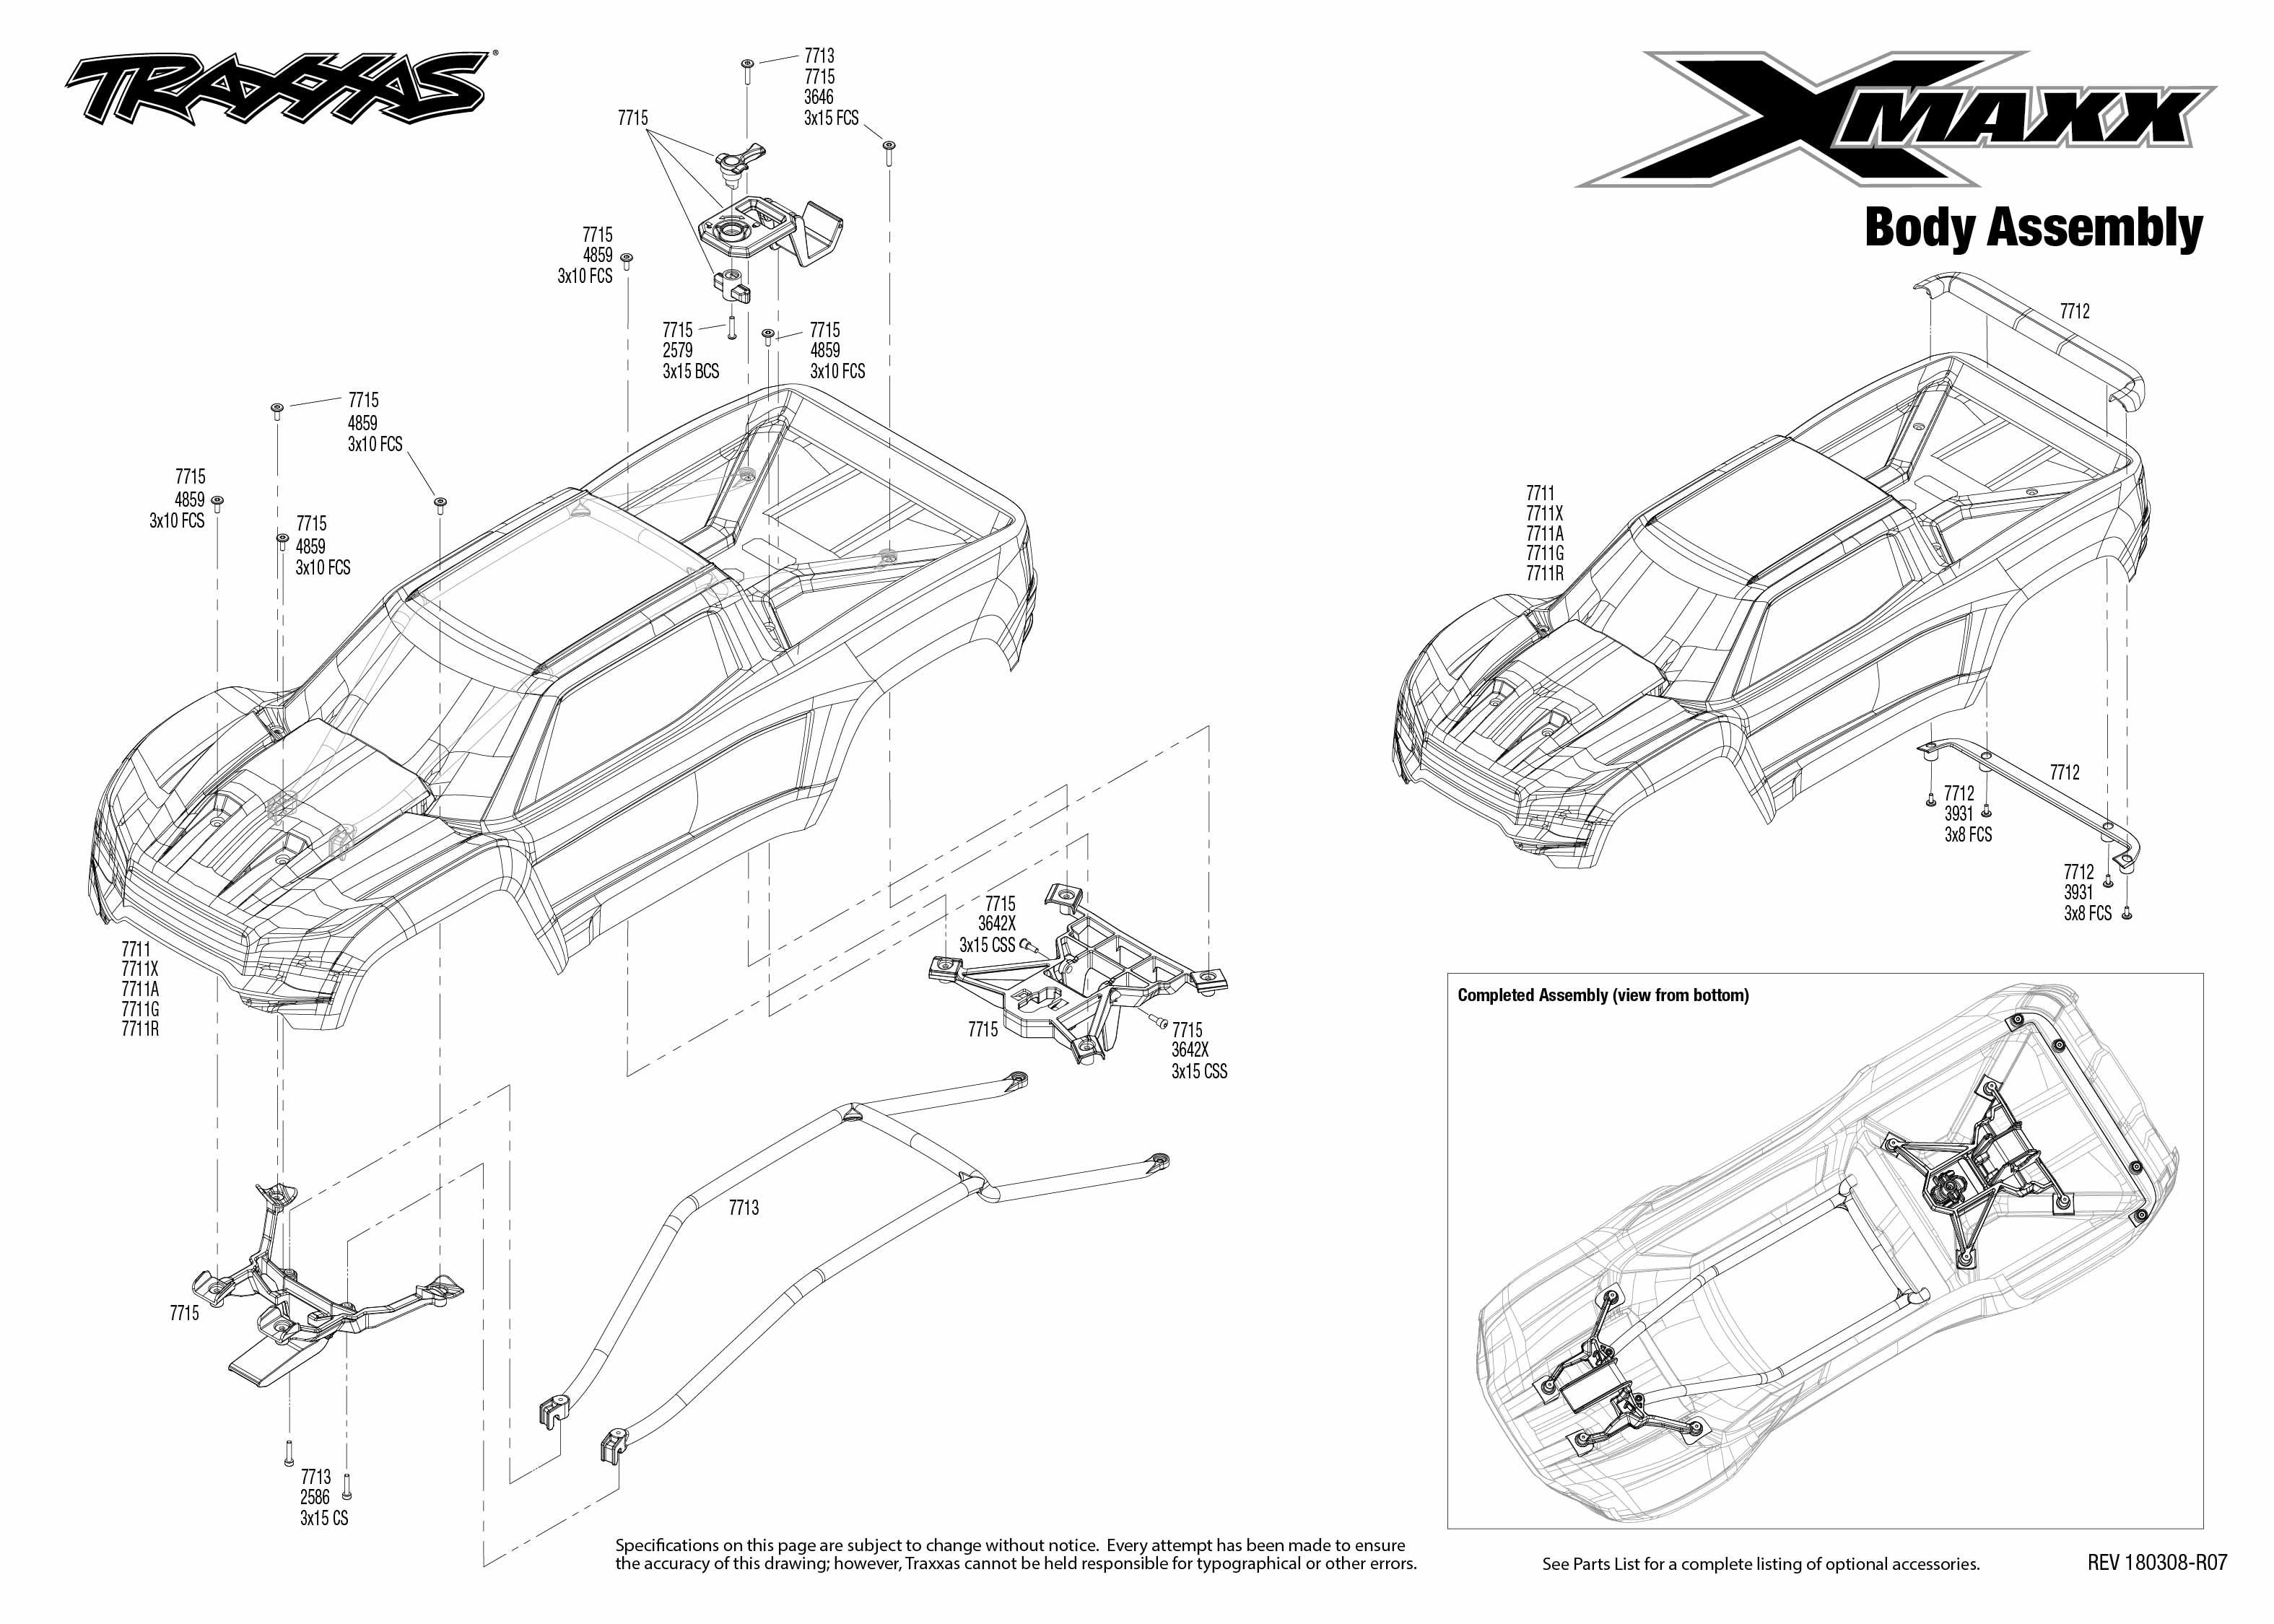 C27094 Integy Billet Machined 24mm Hex Adapter Wheel Hubs for Traxxas X-Maxx 4X4